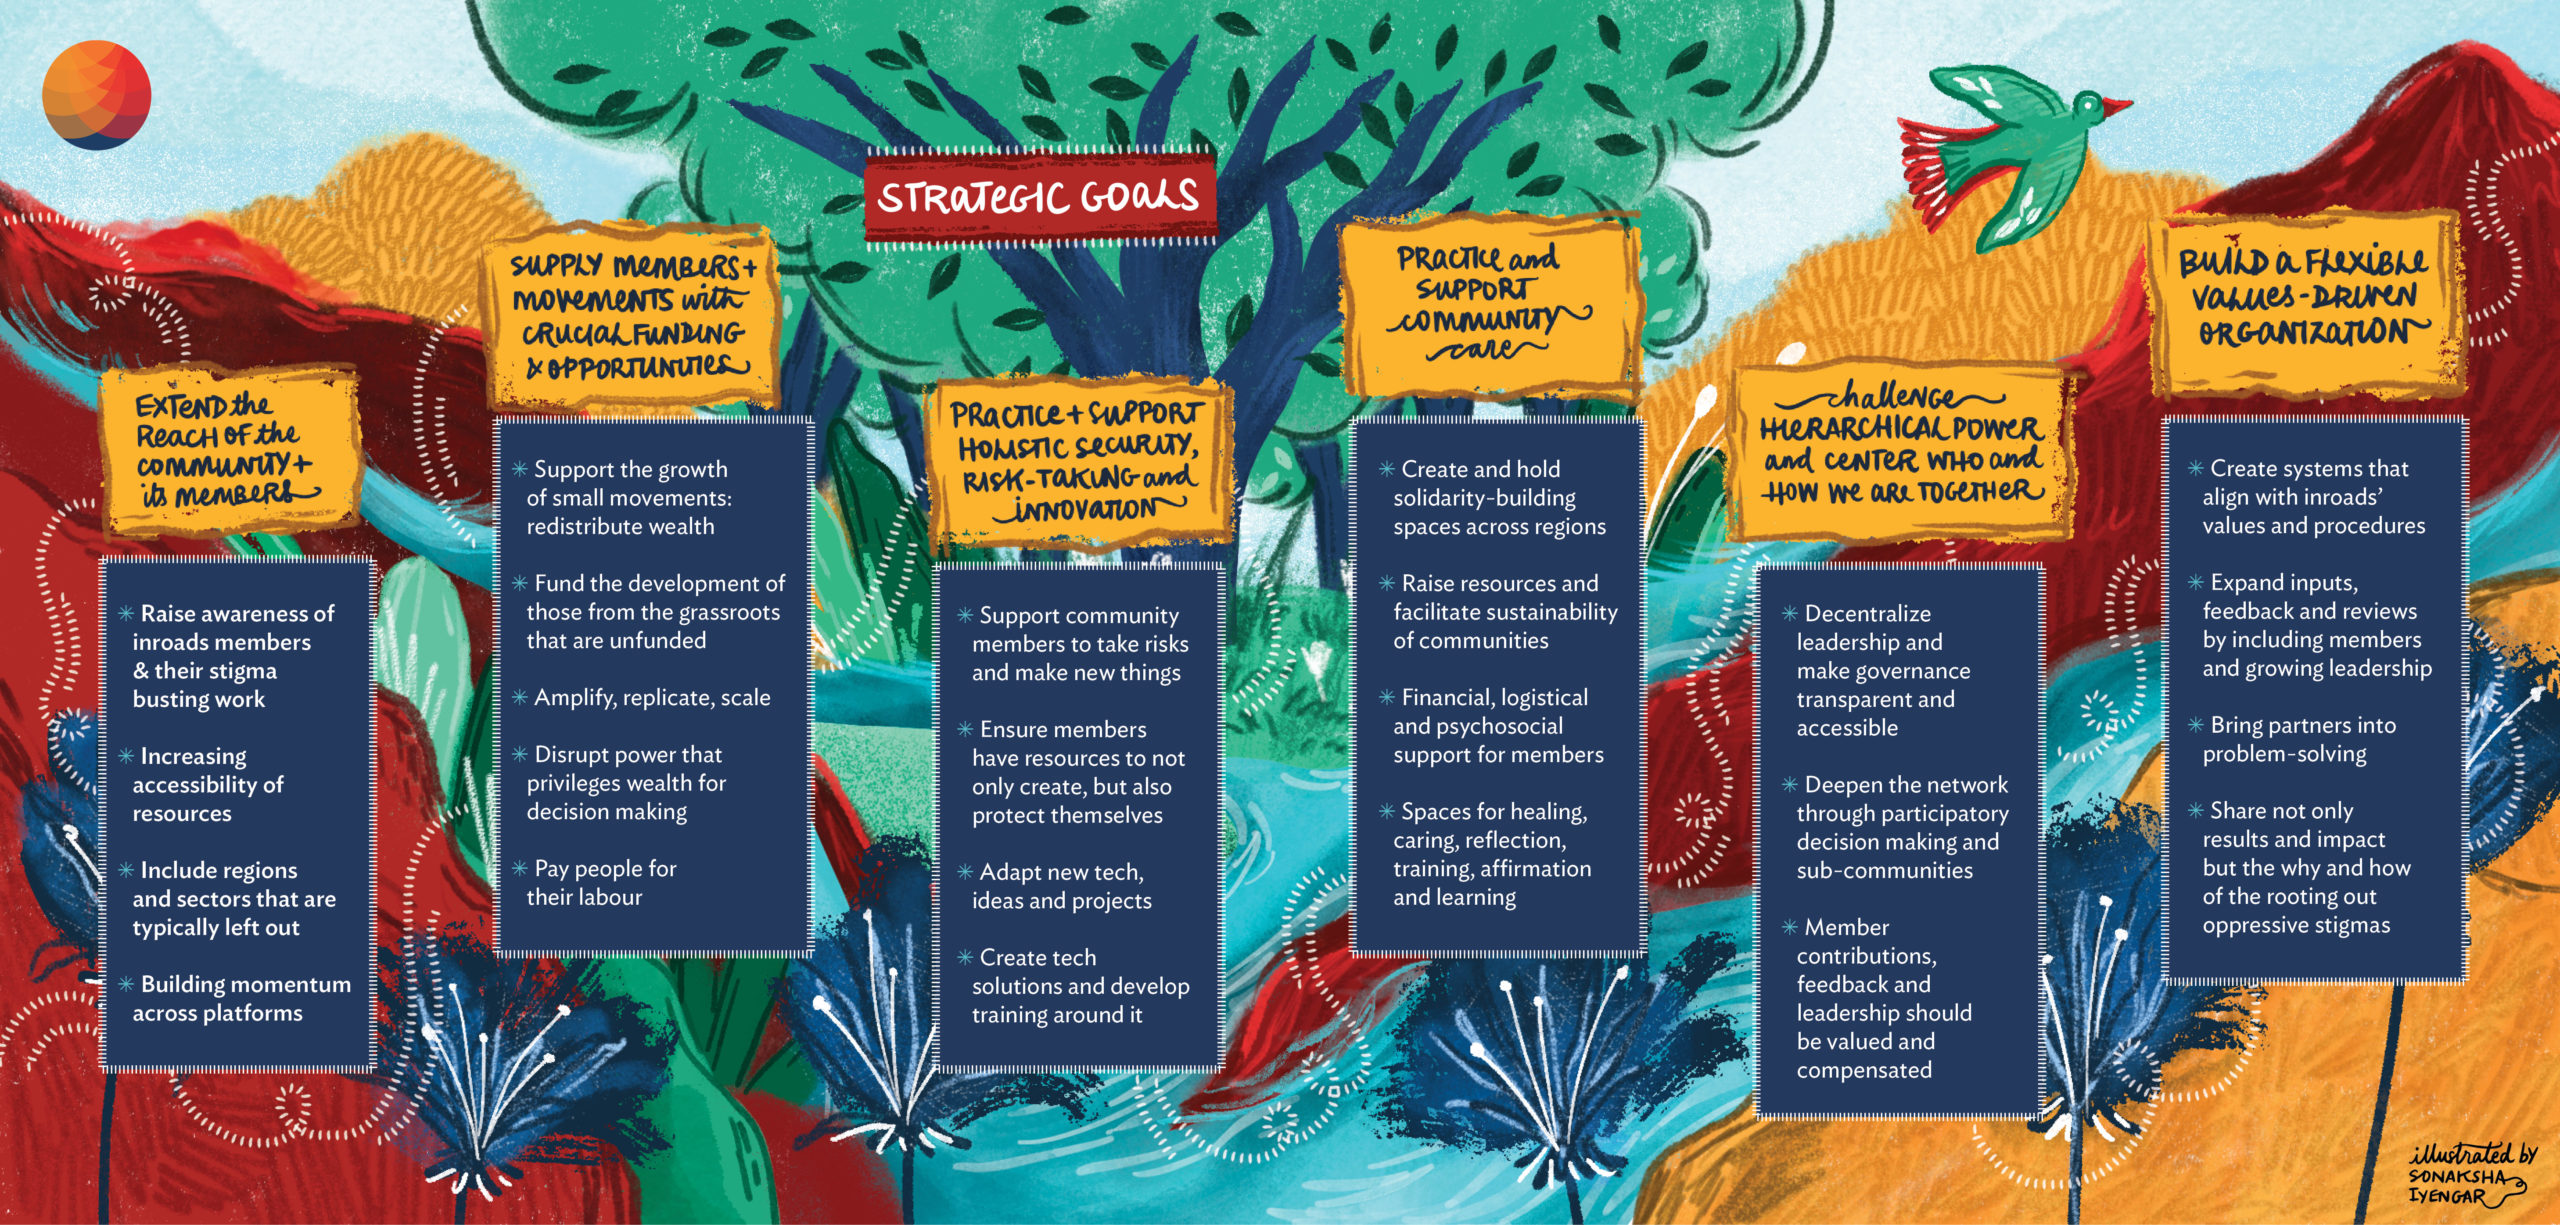 inroads Strategic Goals